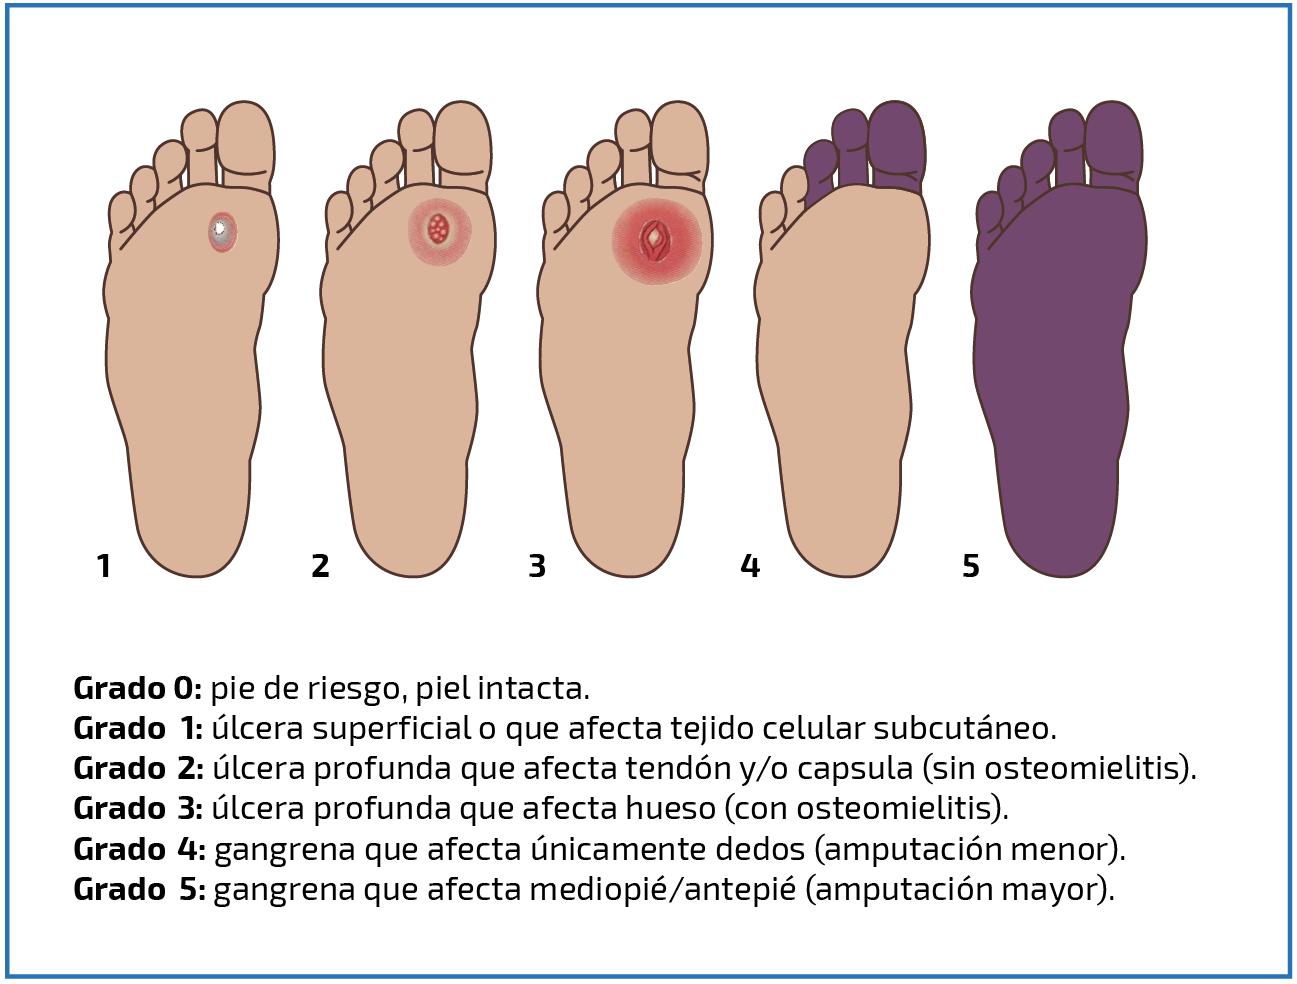 Resultado de imagen para ulceras neuropaticas